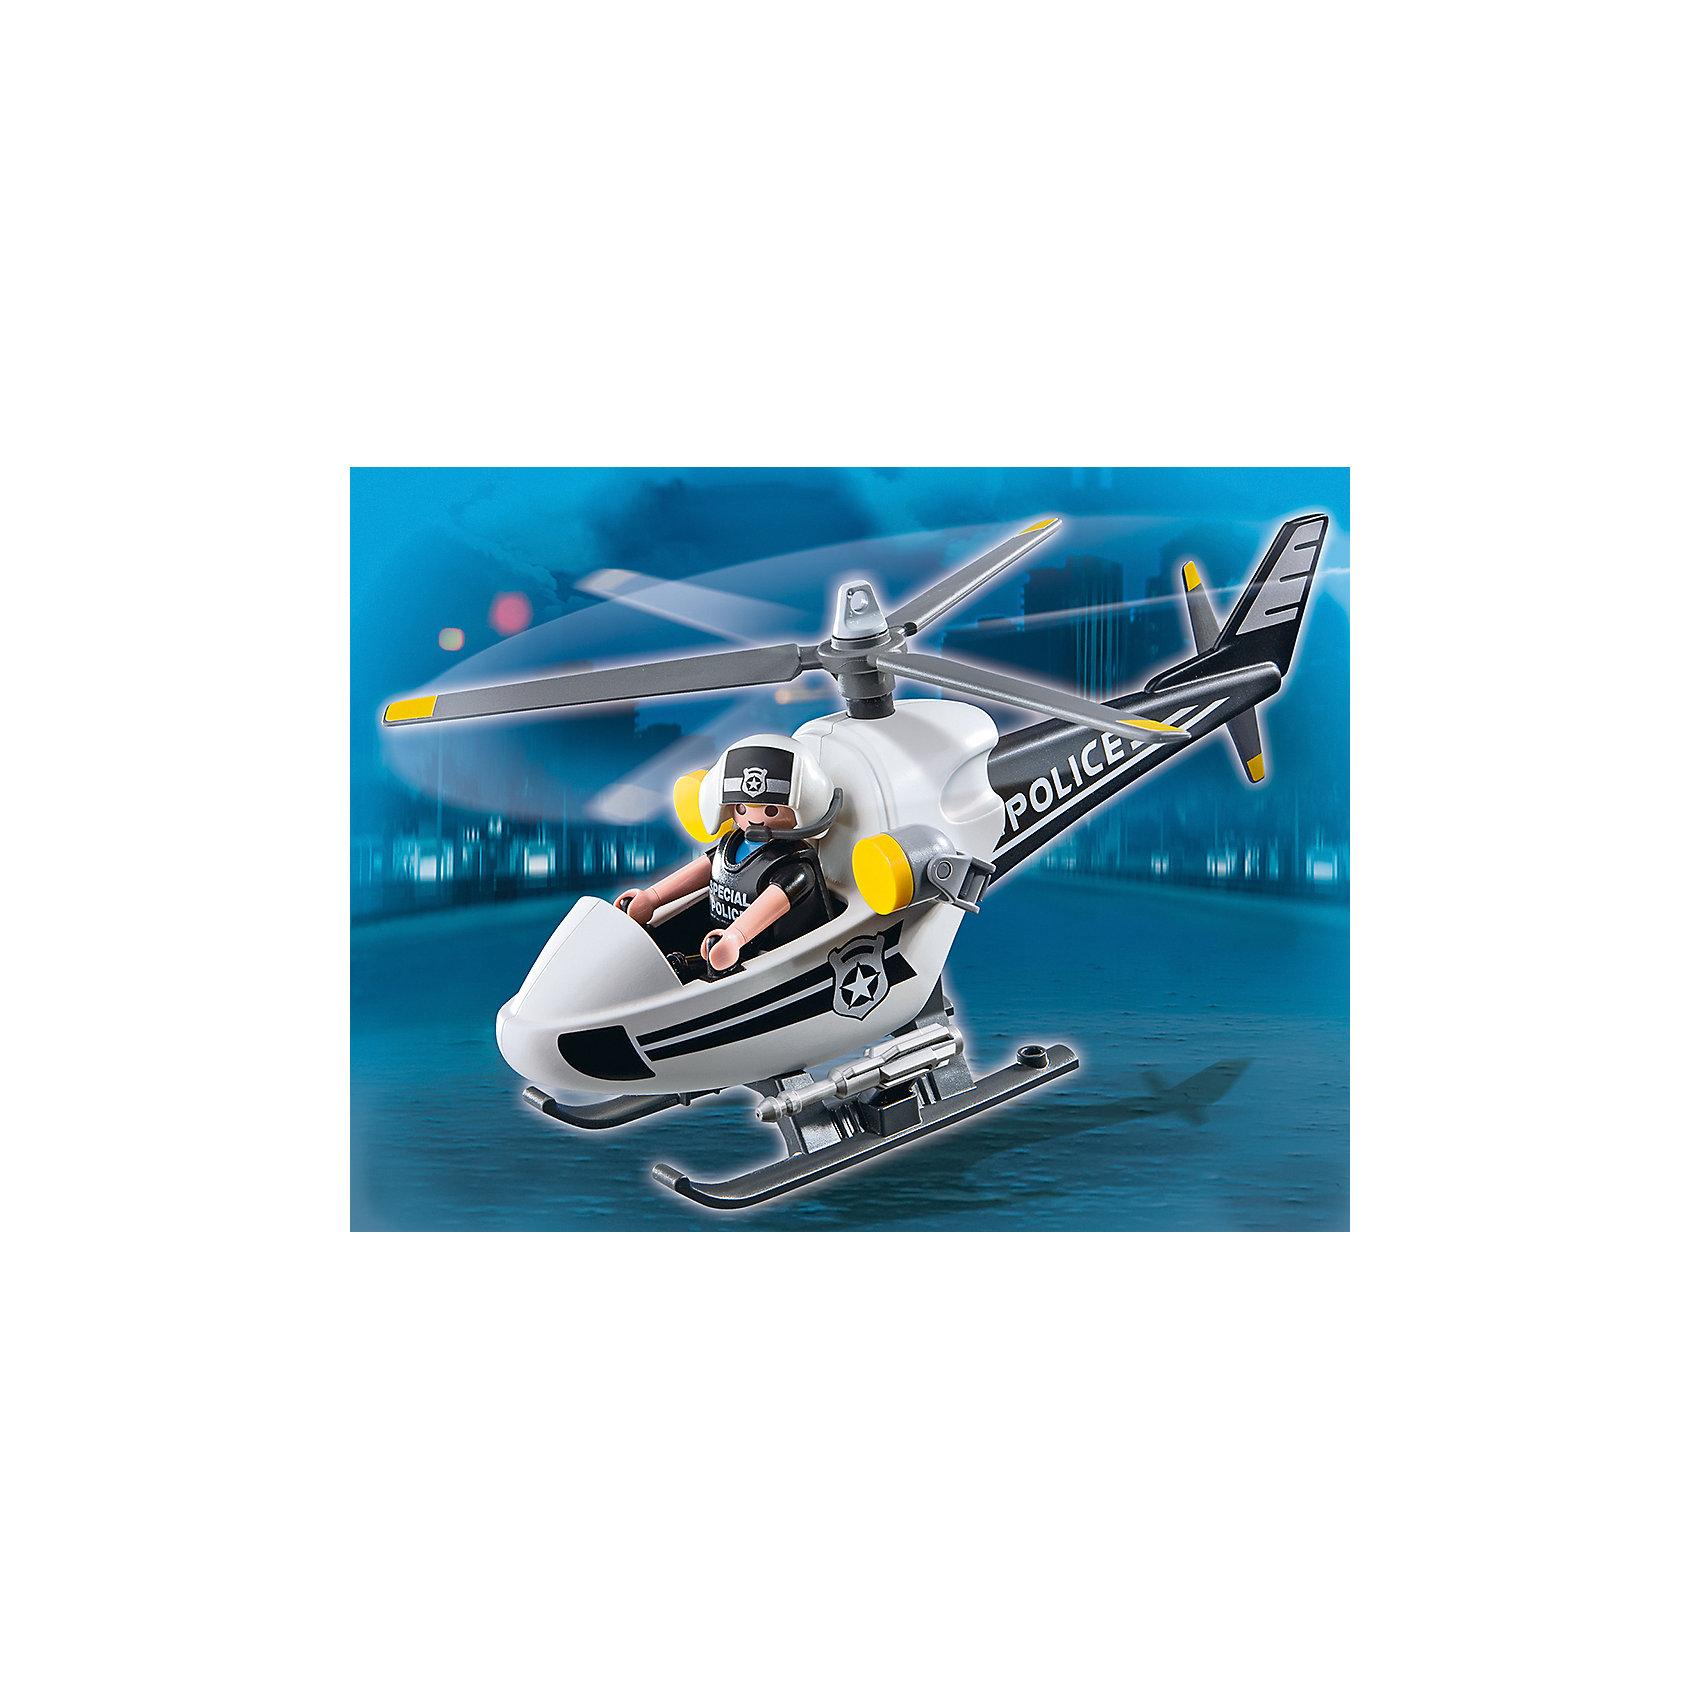 Полицейский вертолет, PLAYMOBILРабота полицейского одна из самых важных и опасных, которая требует больших сил и отваги. При помощи полицейского вертолёта преступник никогда от вас не скроется и вы обязательно его задержите. Компактный полицейский вертолет рассчитанный на одного пилота. У вертолета подвижные лопасти и фонари, также в наборе фигурка полицейского. Все детали прекрасно проработаны и выполнены из высококачественного экологичного пластика безопасного для детей. Играть с таким набором не только приятно и интересно - подобные виды игры развивают мелкую моторику, воображение, творческое мышление.<br><br>Дополнительная информация:<br><br>- 1 фигурка в наборе.<br>- Комплектация: вертолет, фигурка.<br>- Материал: пластик.<br>- Размер упаковки: 19х19х7,6 см.<br>- Высота фигурки: 7,5 см.<br>- Голова, руки, ноги у фигурок подвижные.<br>- Вертолет с подвижными лопастями.<br><br>Набор Меблированный торговый центр, PLAYMOBIL (Плеймобил), можно купить в нашем магазине.<br><br>Ширина мм: 195<br>Глубина мм: 193<br>Высота мм: 76<br>Вес г: 196<br>Возраст от месяцев: 48<br>Возраст до месяцев: 120<br>Пол: Мужской<br>Возраст: Детский<br>SKU: 3786344